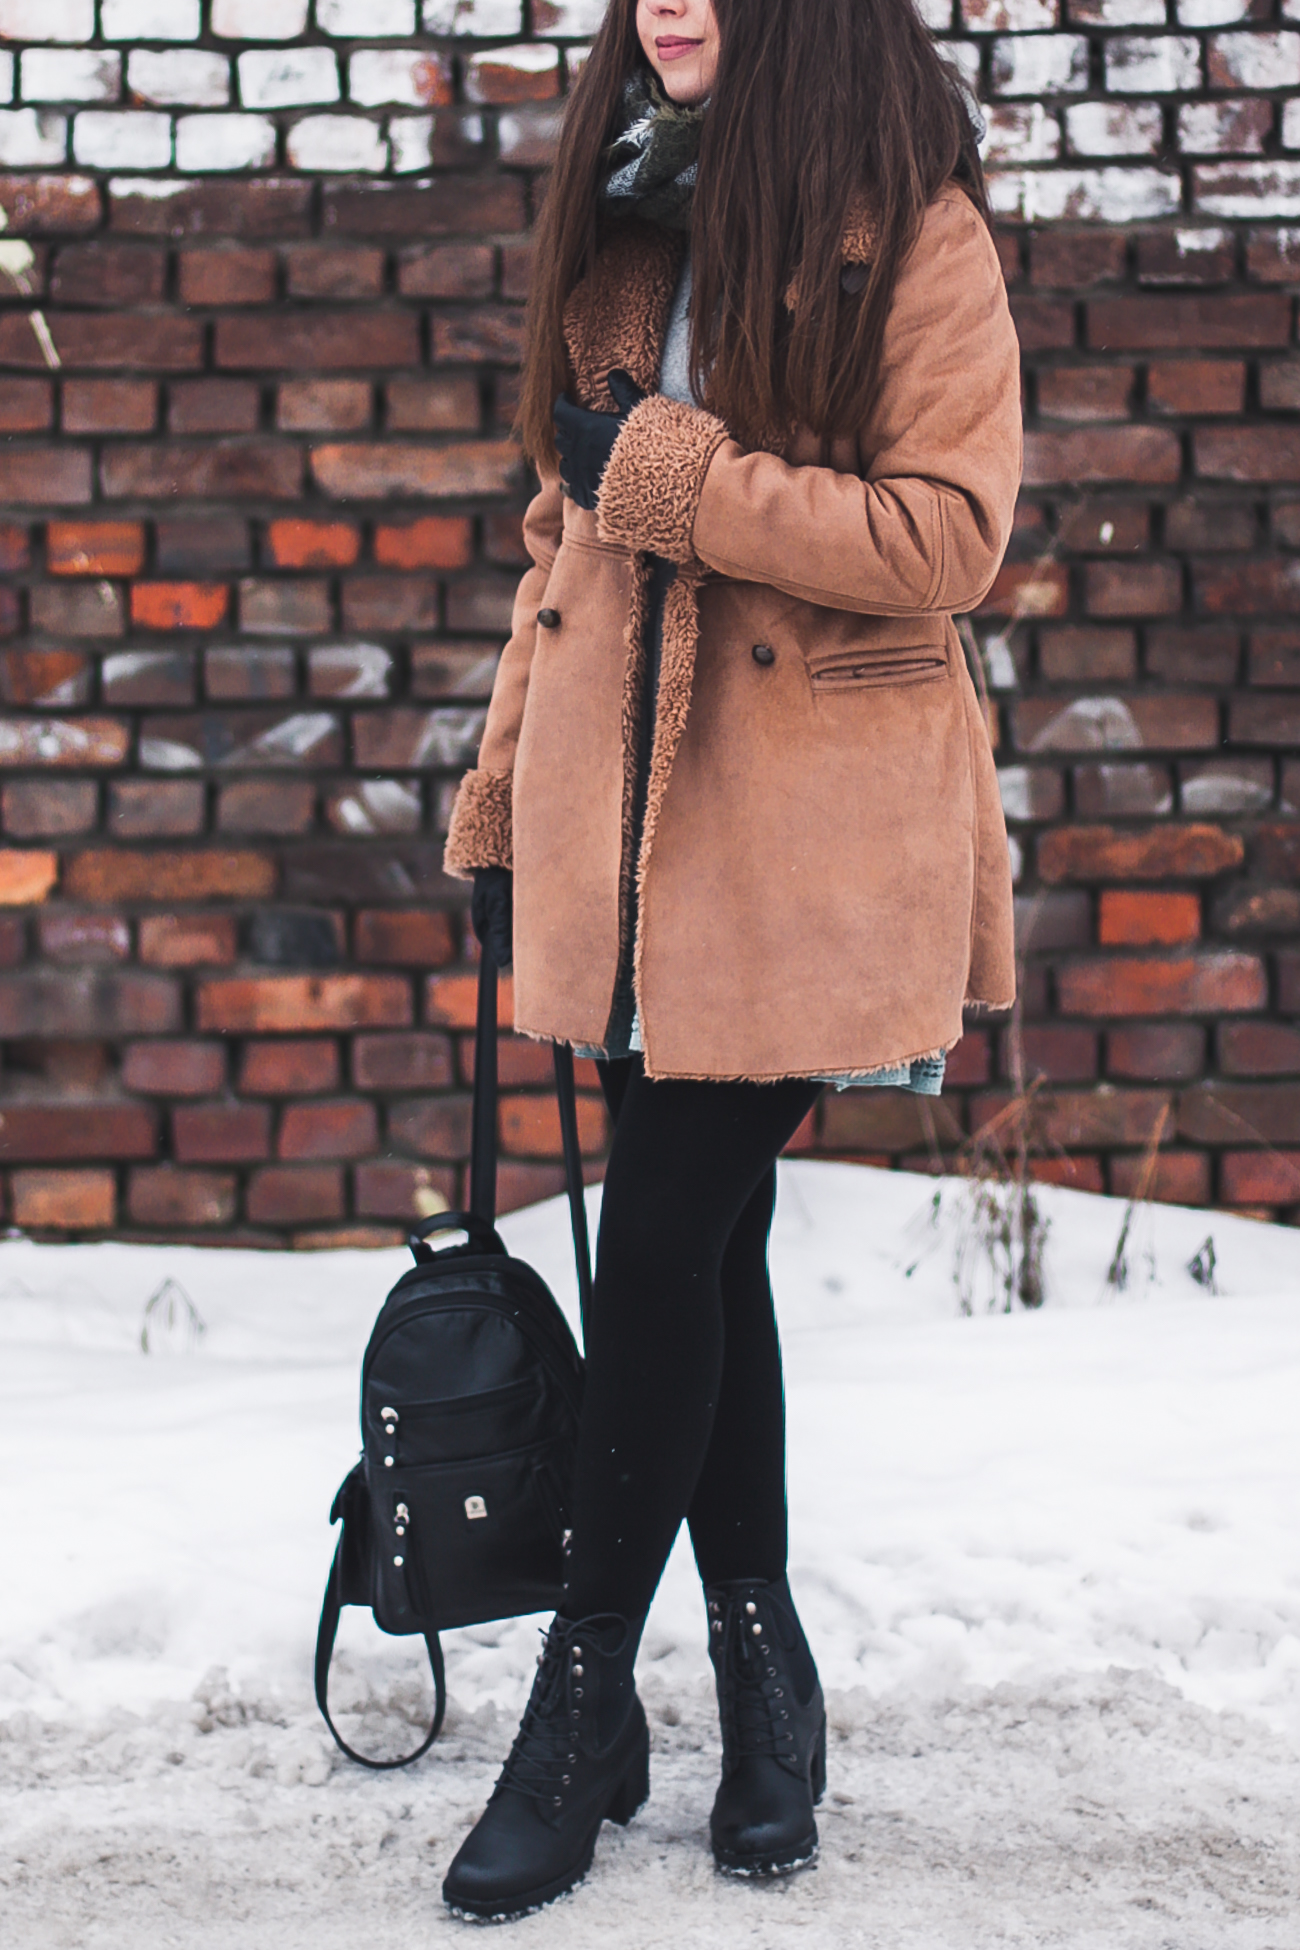 płaszcz zimowy i botki deezee